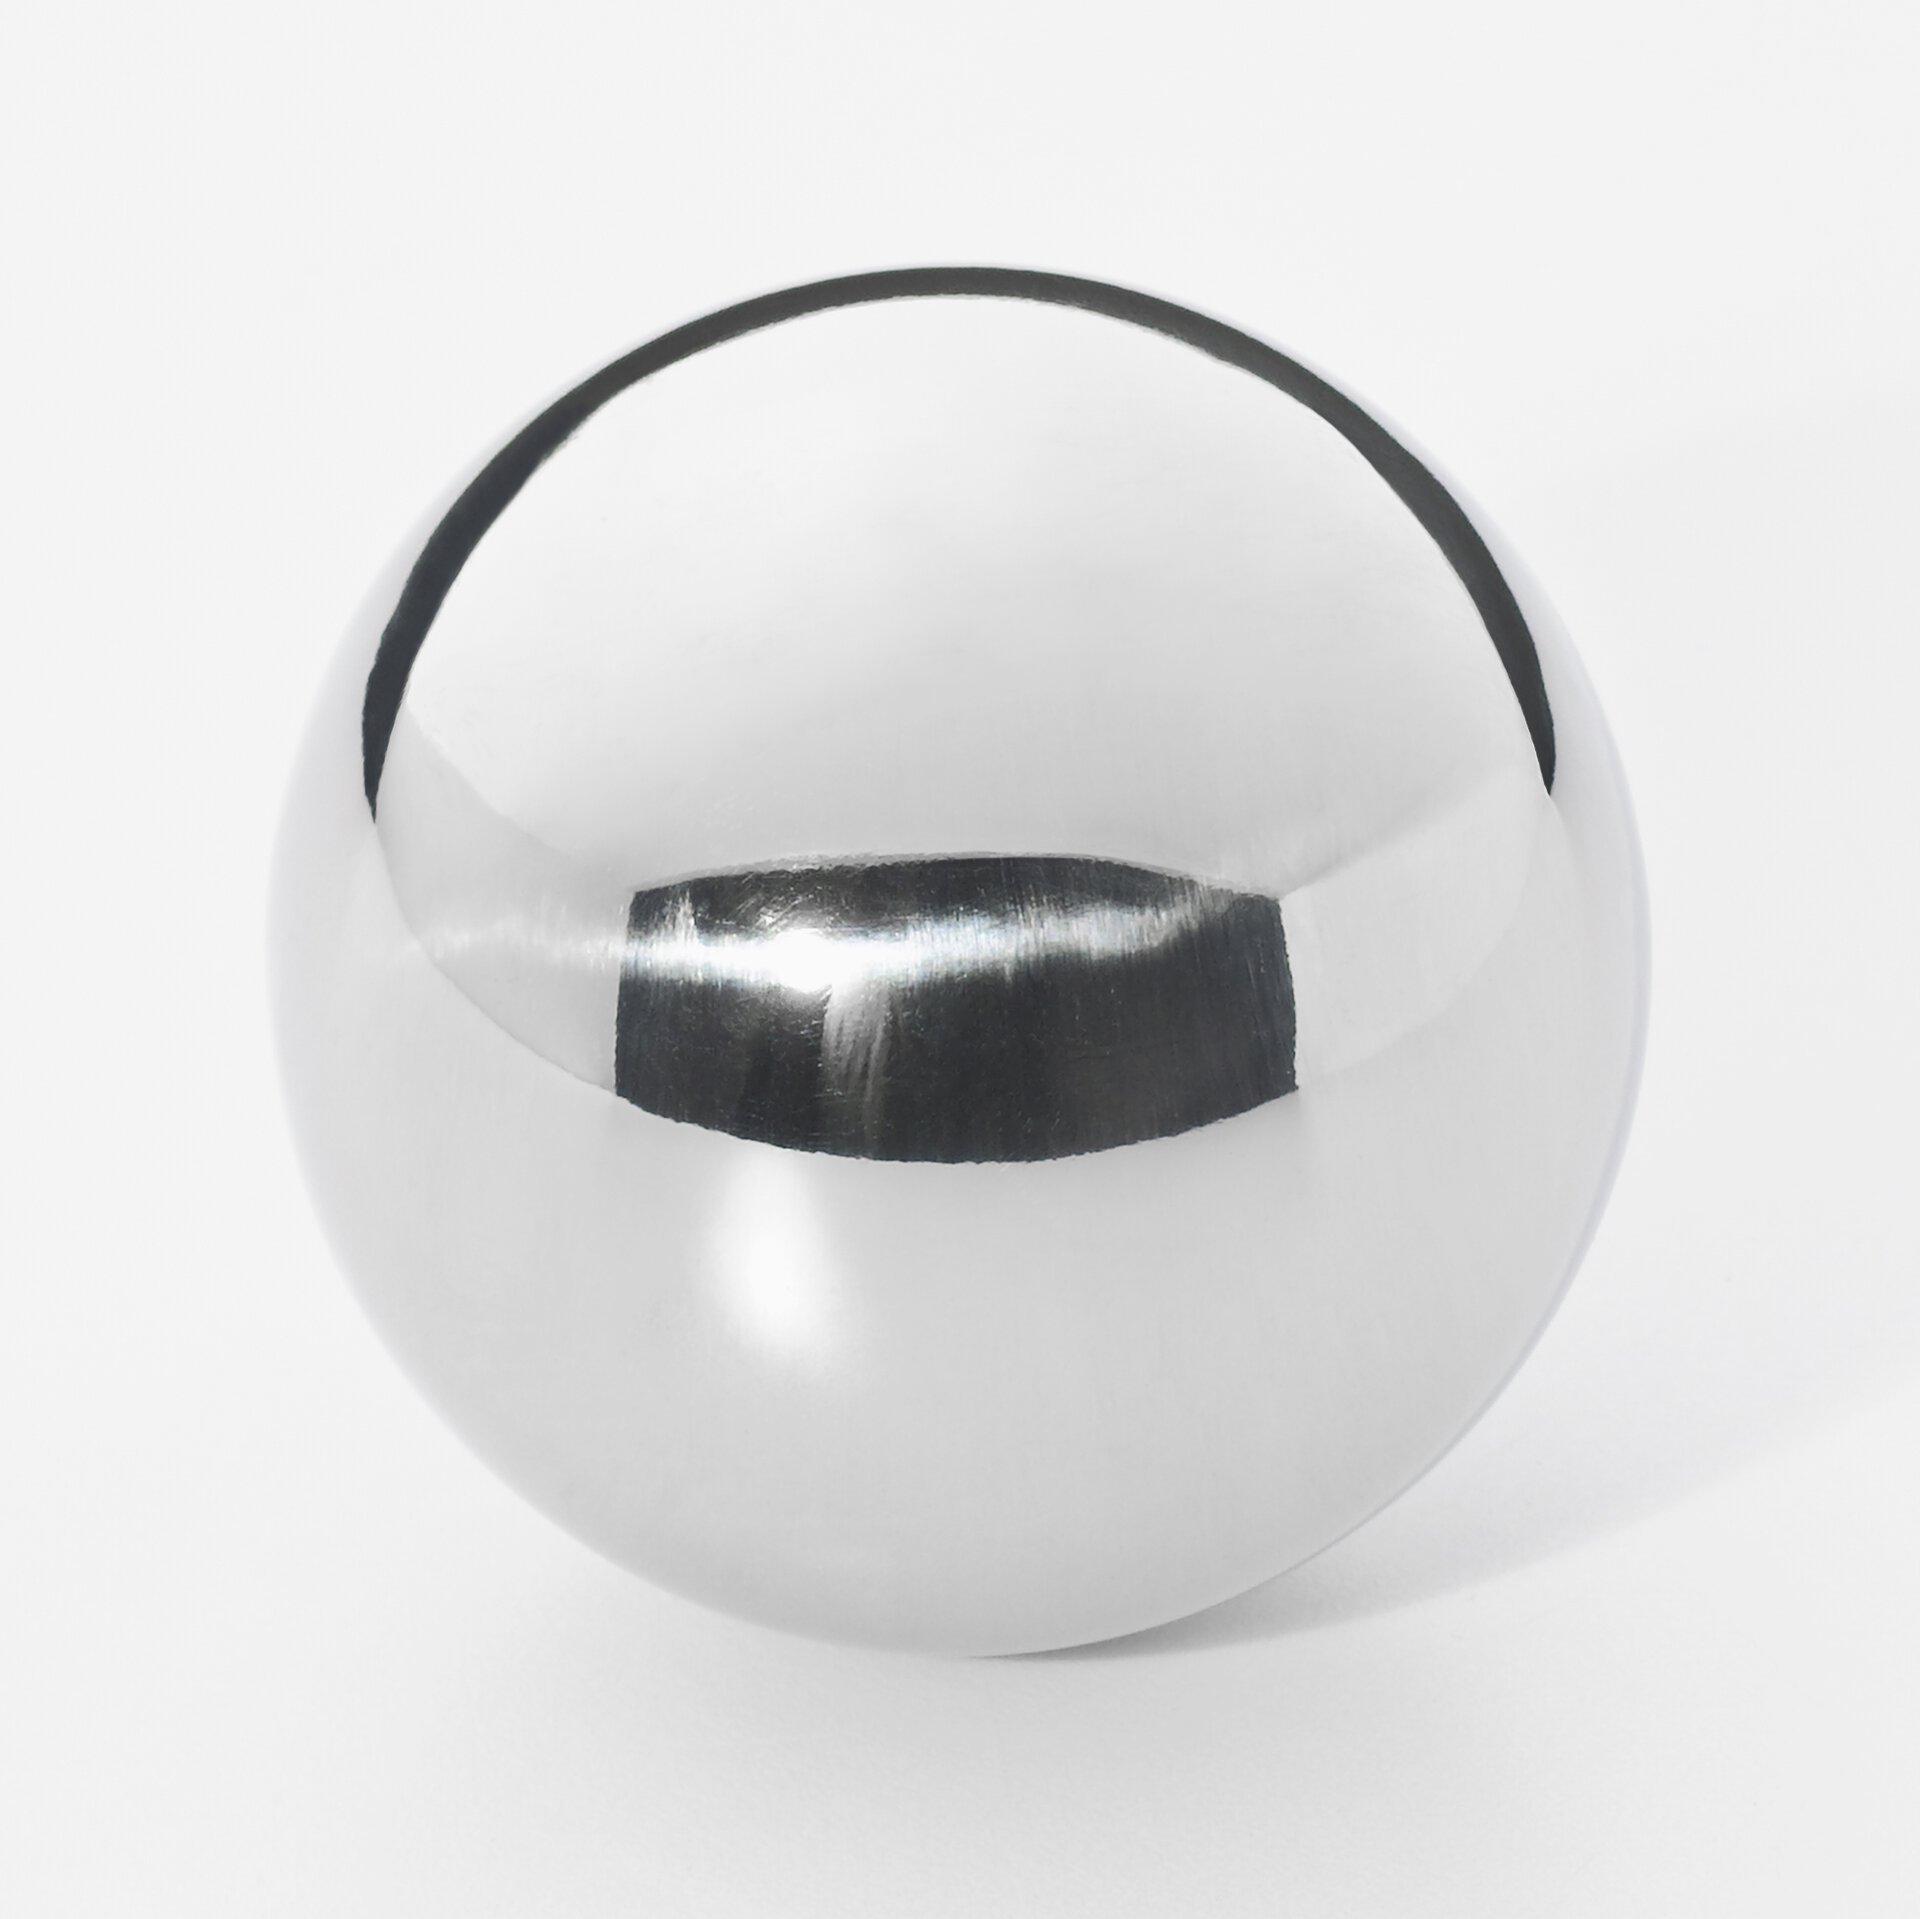 Dekorationsartikel - Casa Nova Metall silber 7 x